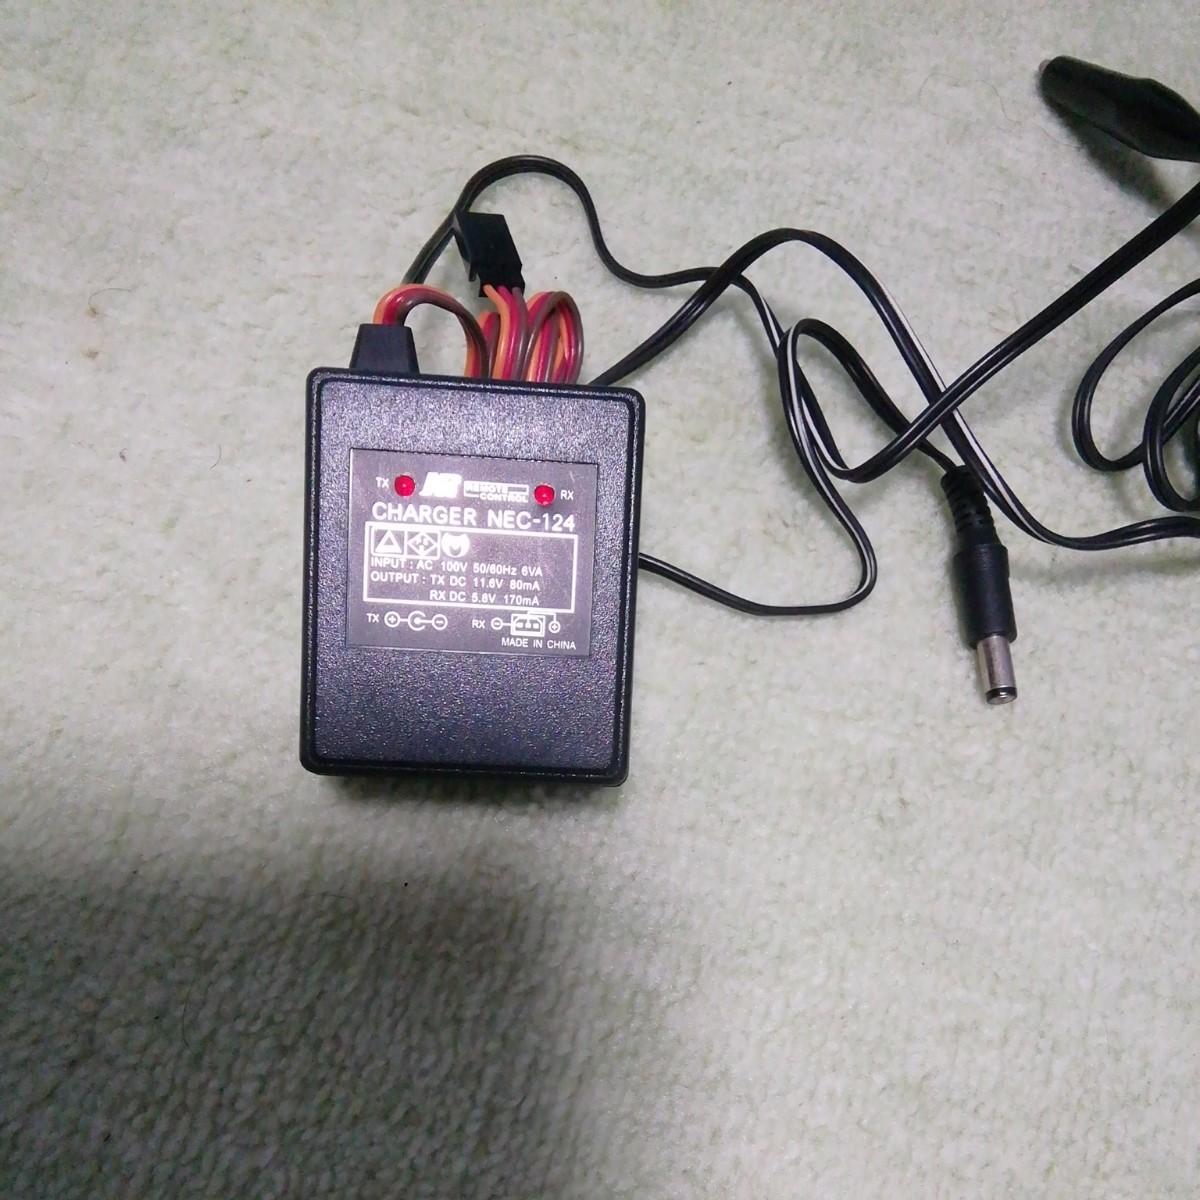 ラジコン用バッテリー充電器 + オマケ